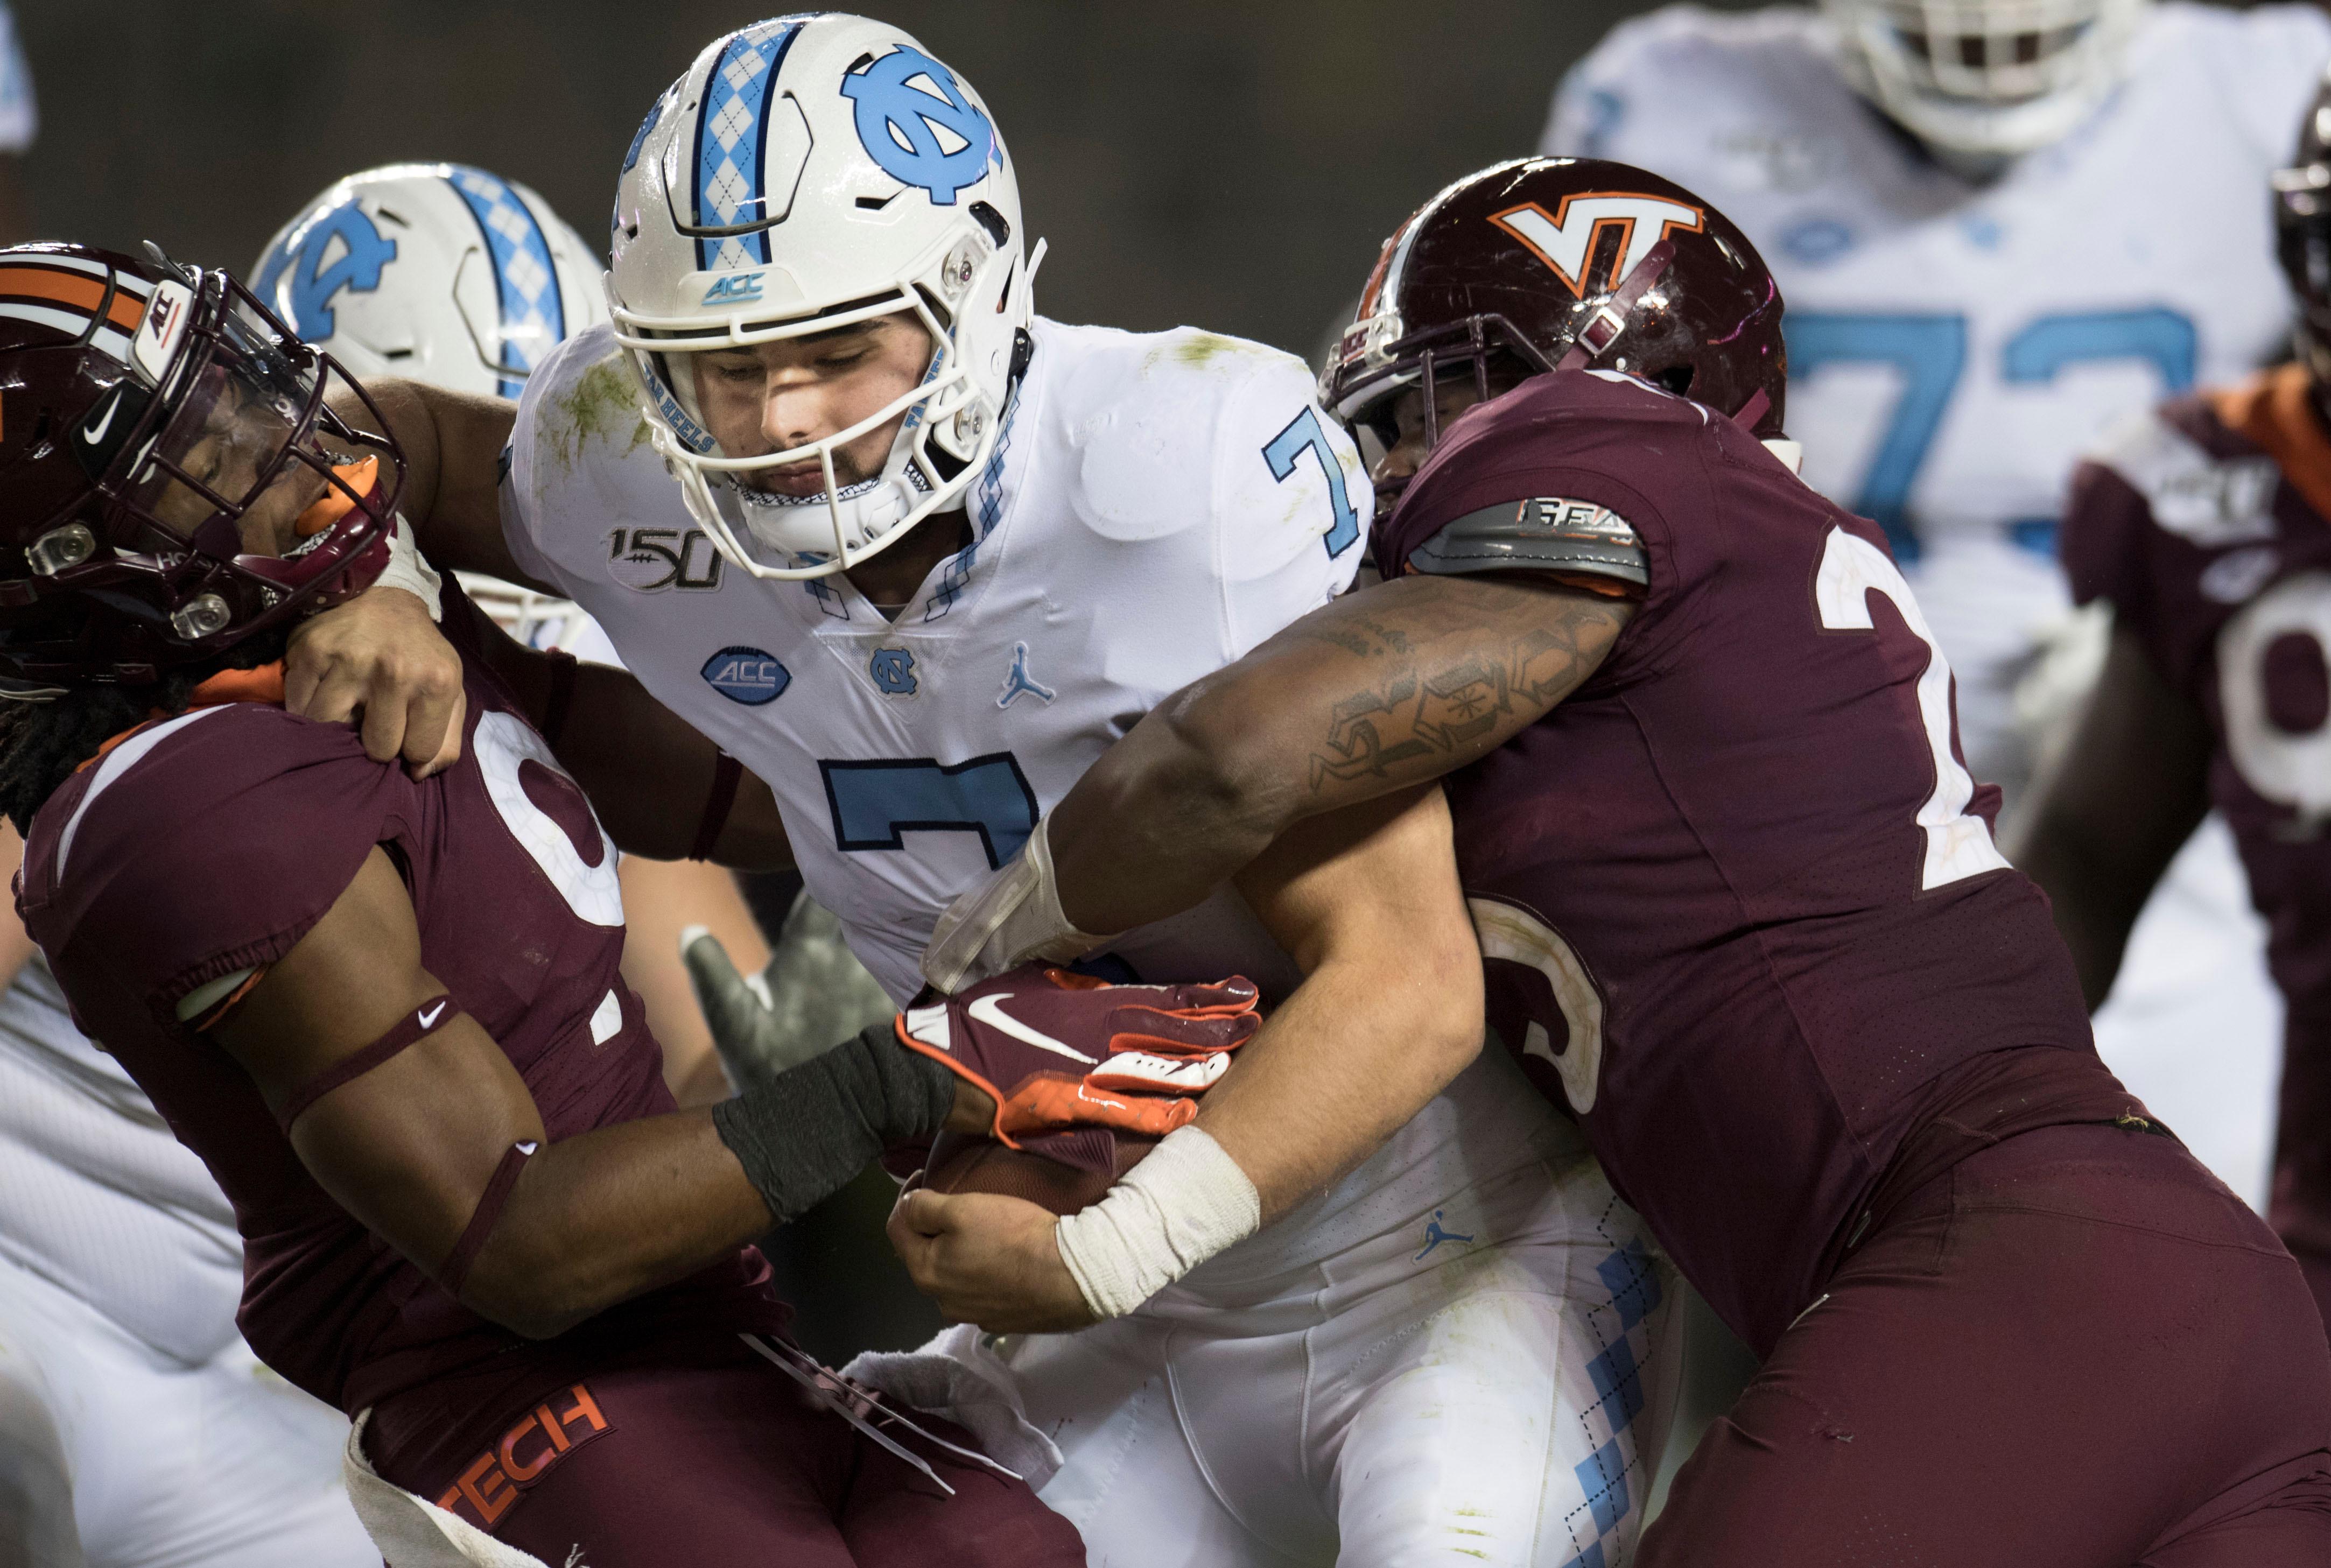 NCAA Football: North Carolina at Virginia Tech